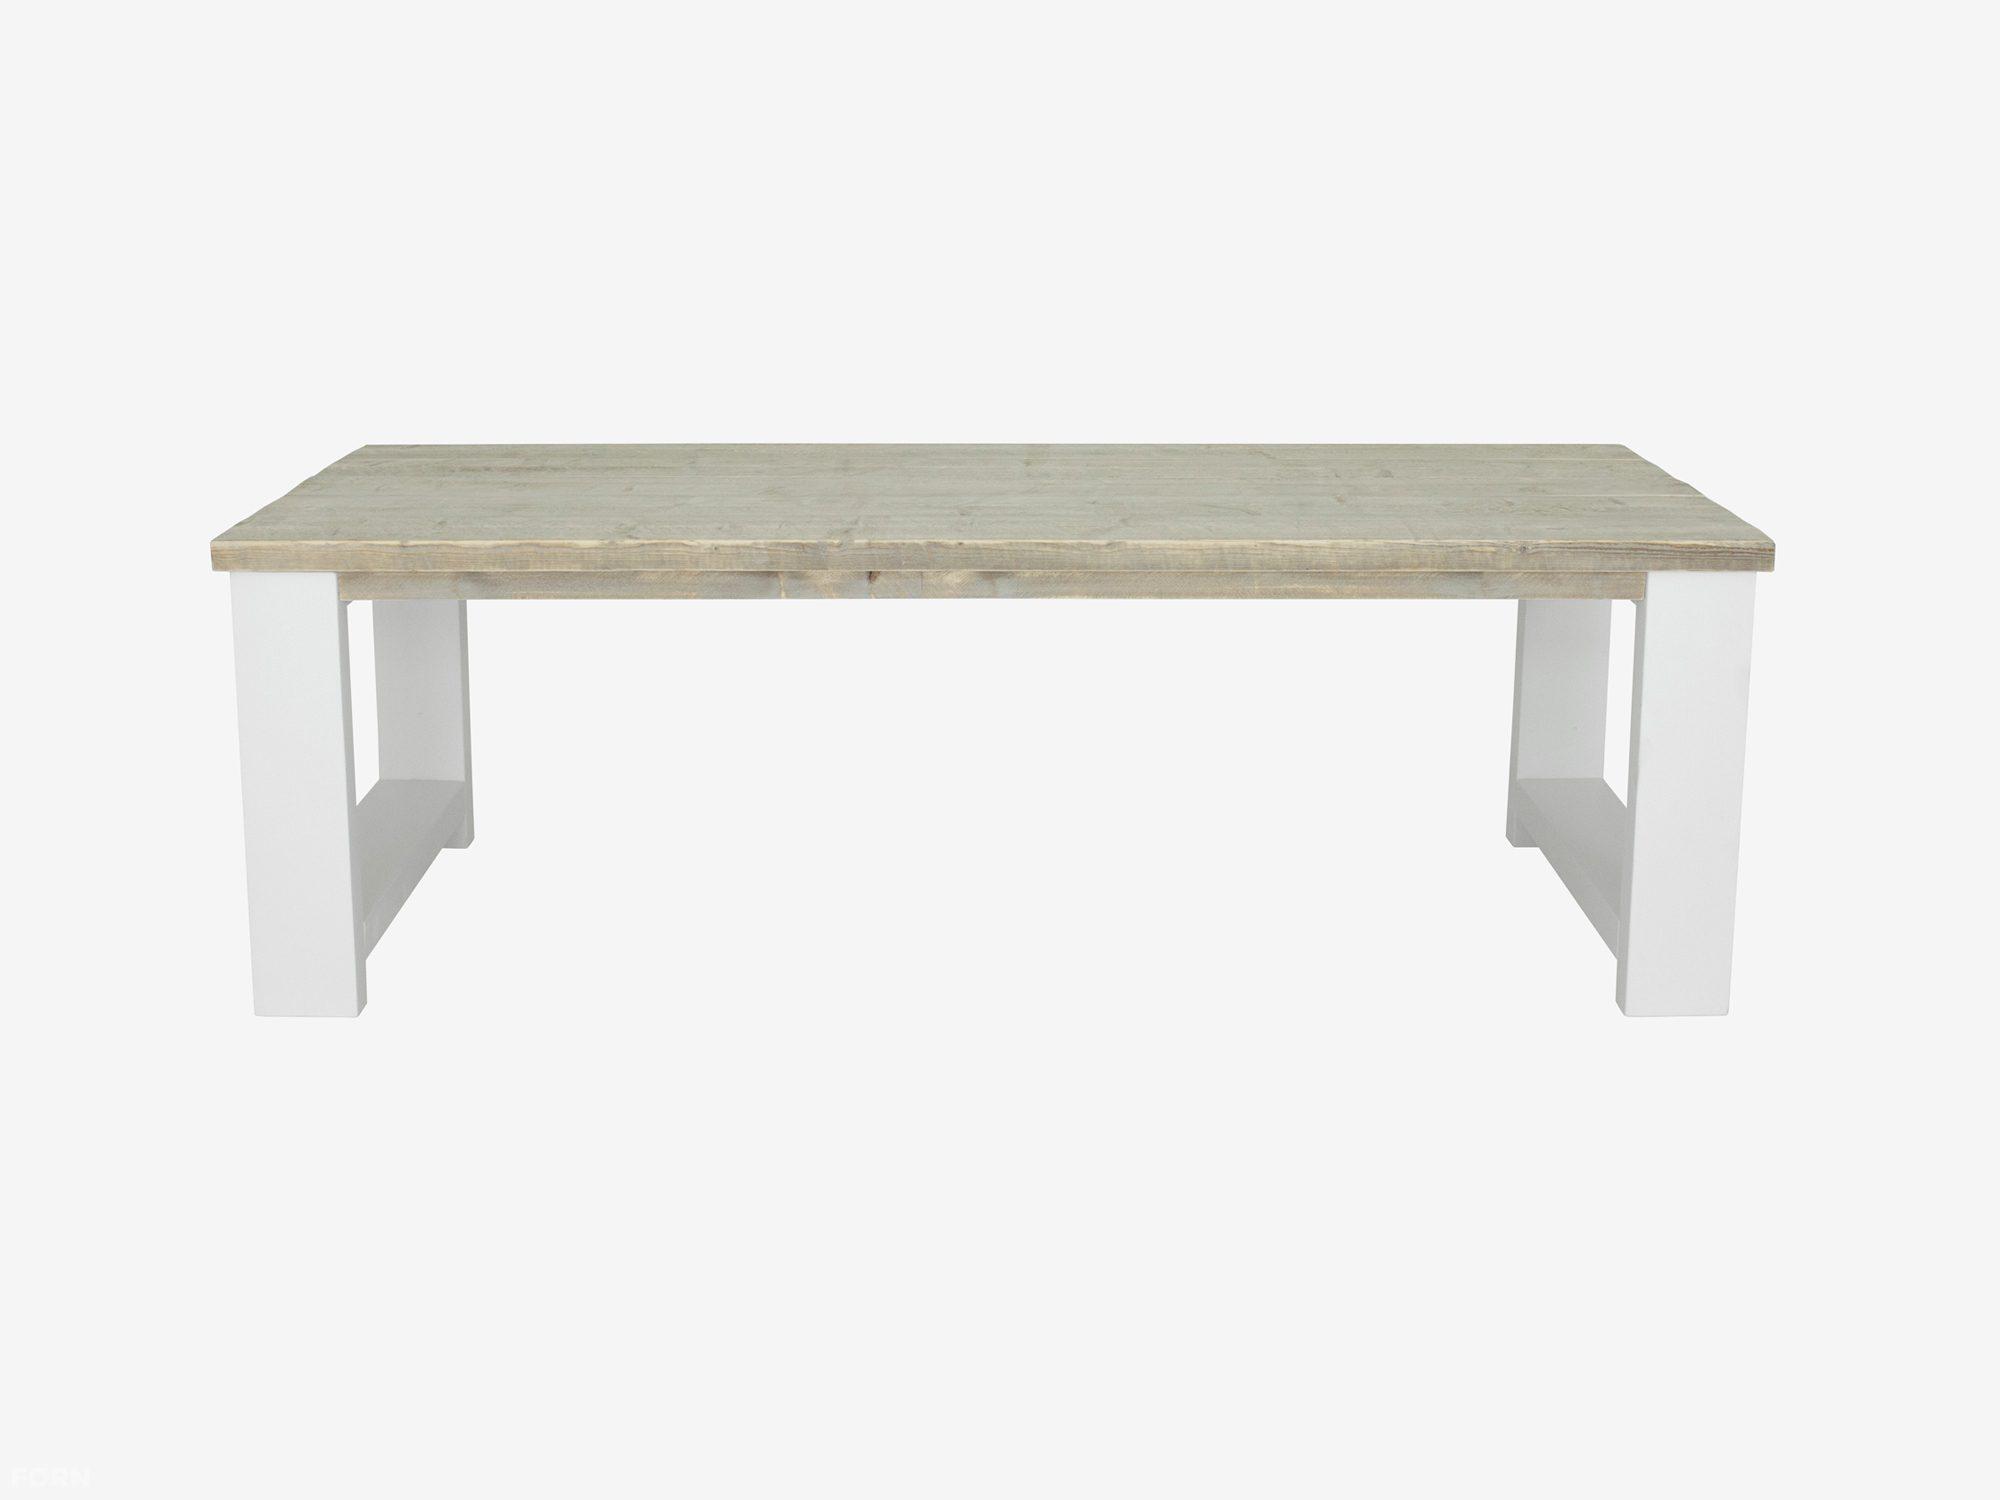 bauholz tisch mit wei er lackierung bauholz m bel. Black Bedroom Furniture Sets. Home Design Ideas